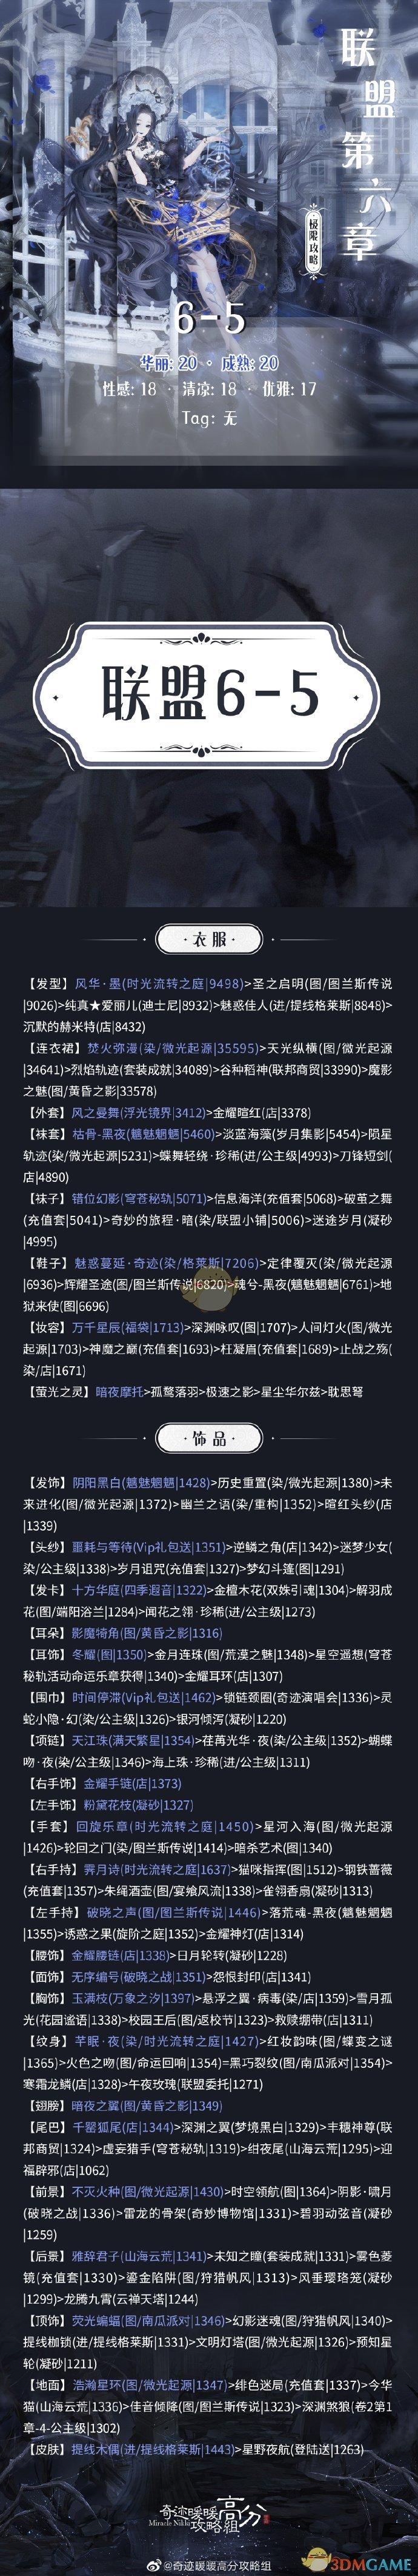 《奇迹暖暖》联盟6-5通关攻略介绍